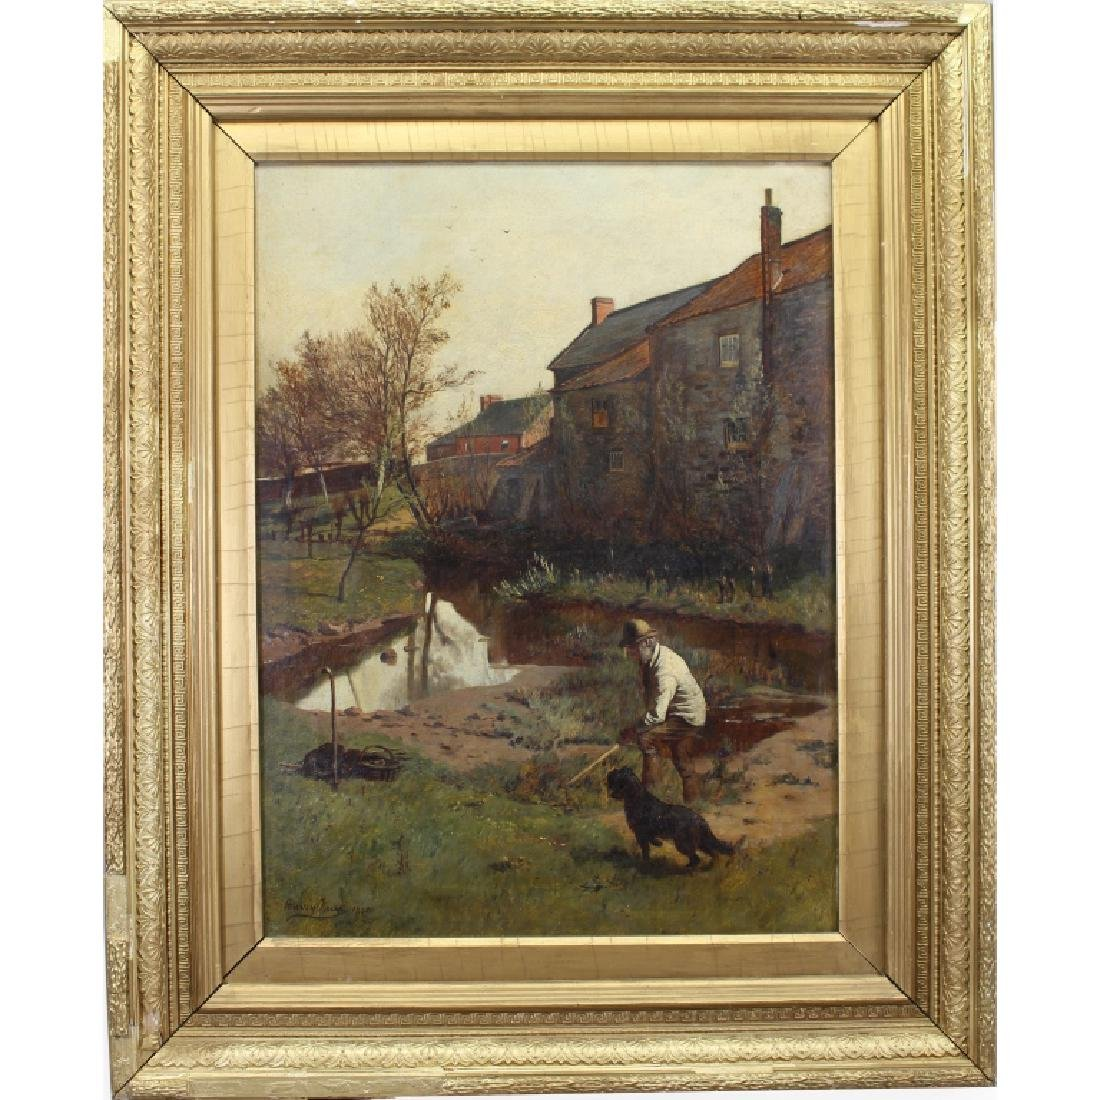 Harry Frier (UK, c.1849 - 1919), Christie's